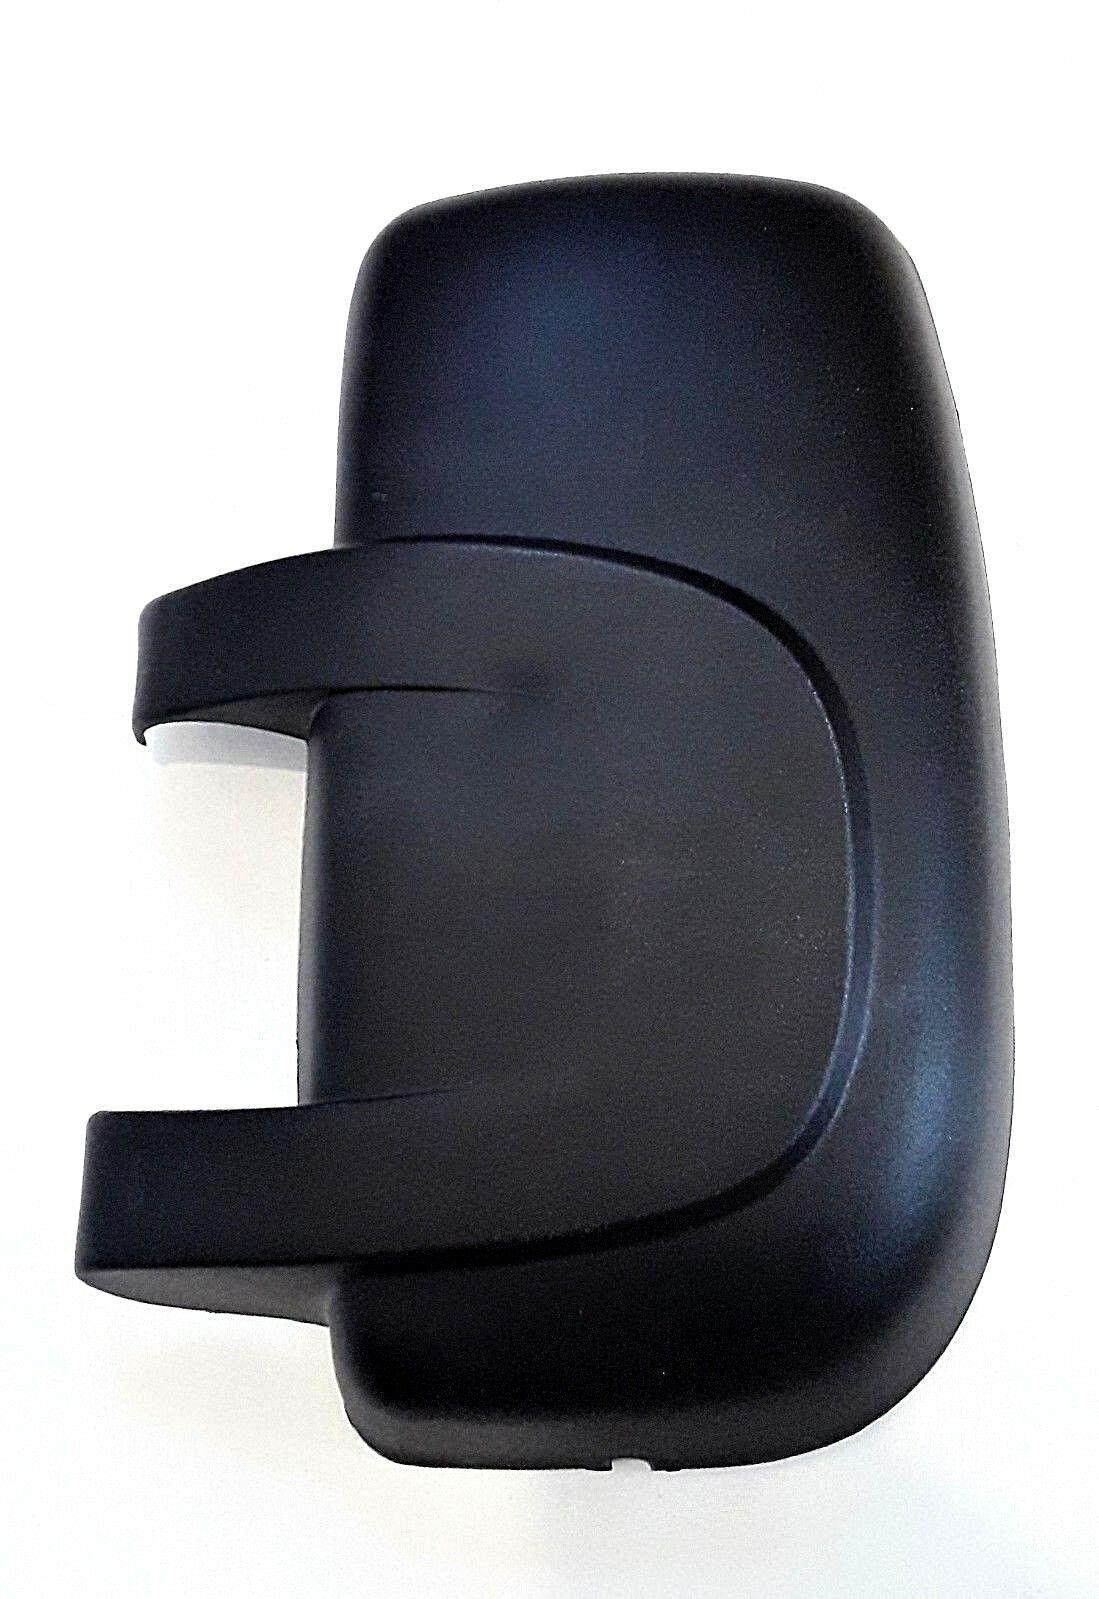 Droite JJC réduisant de tuyaux en silicone 45-32 mm BLEU Réducteur photorépéteur rejoindre pipe